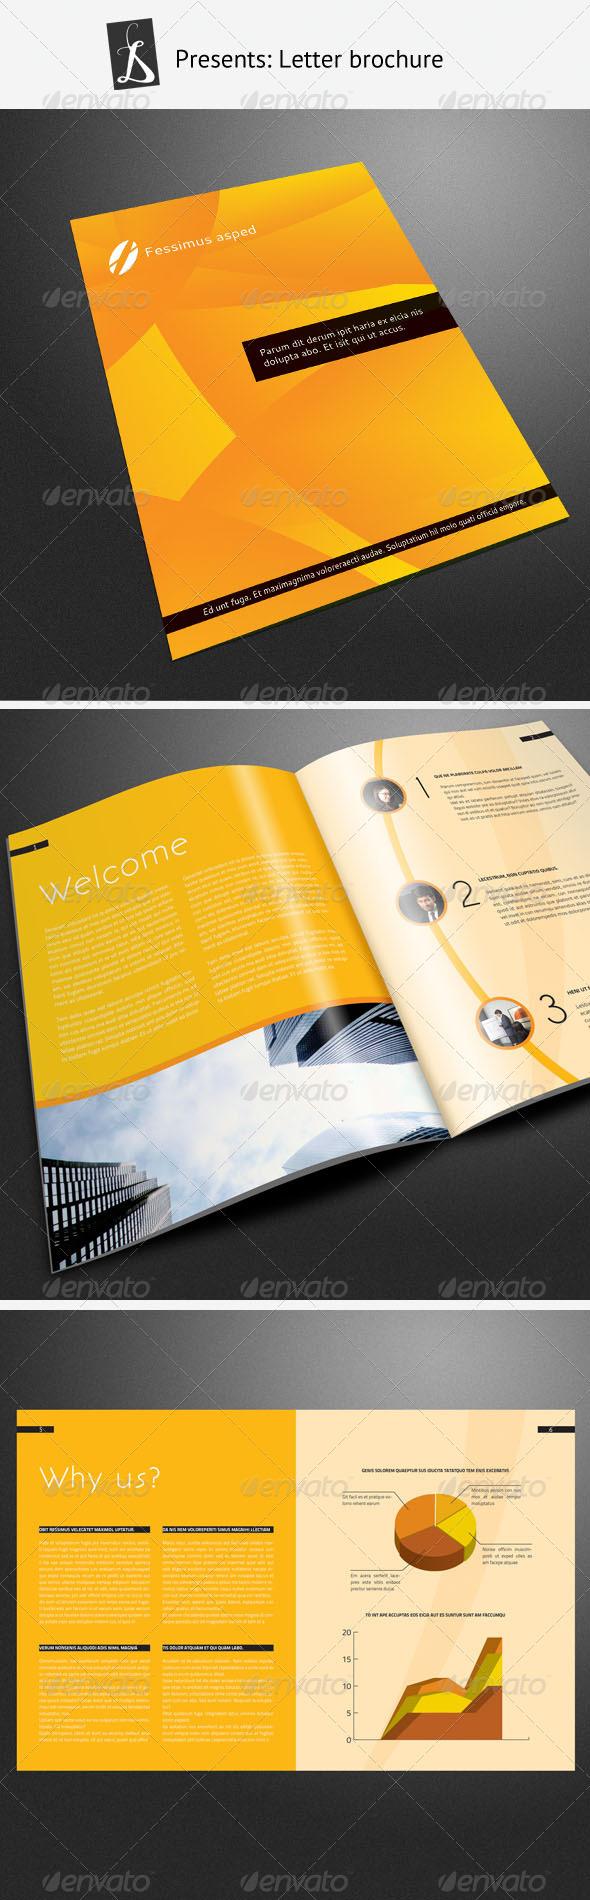 Corporate Brochure 8 - Corporate Brochures